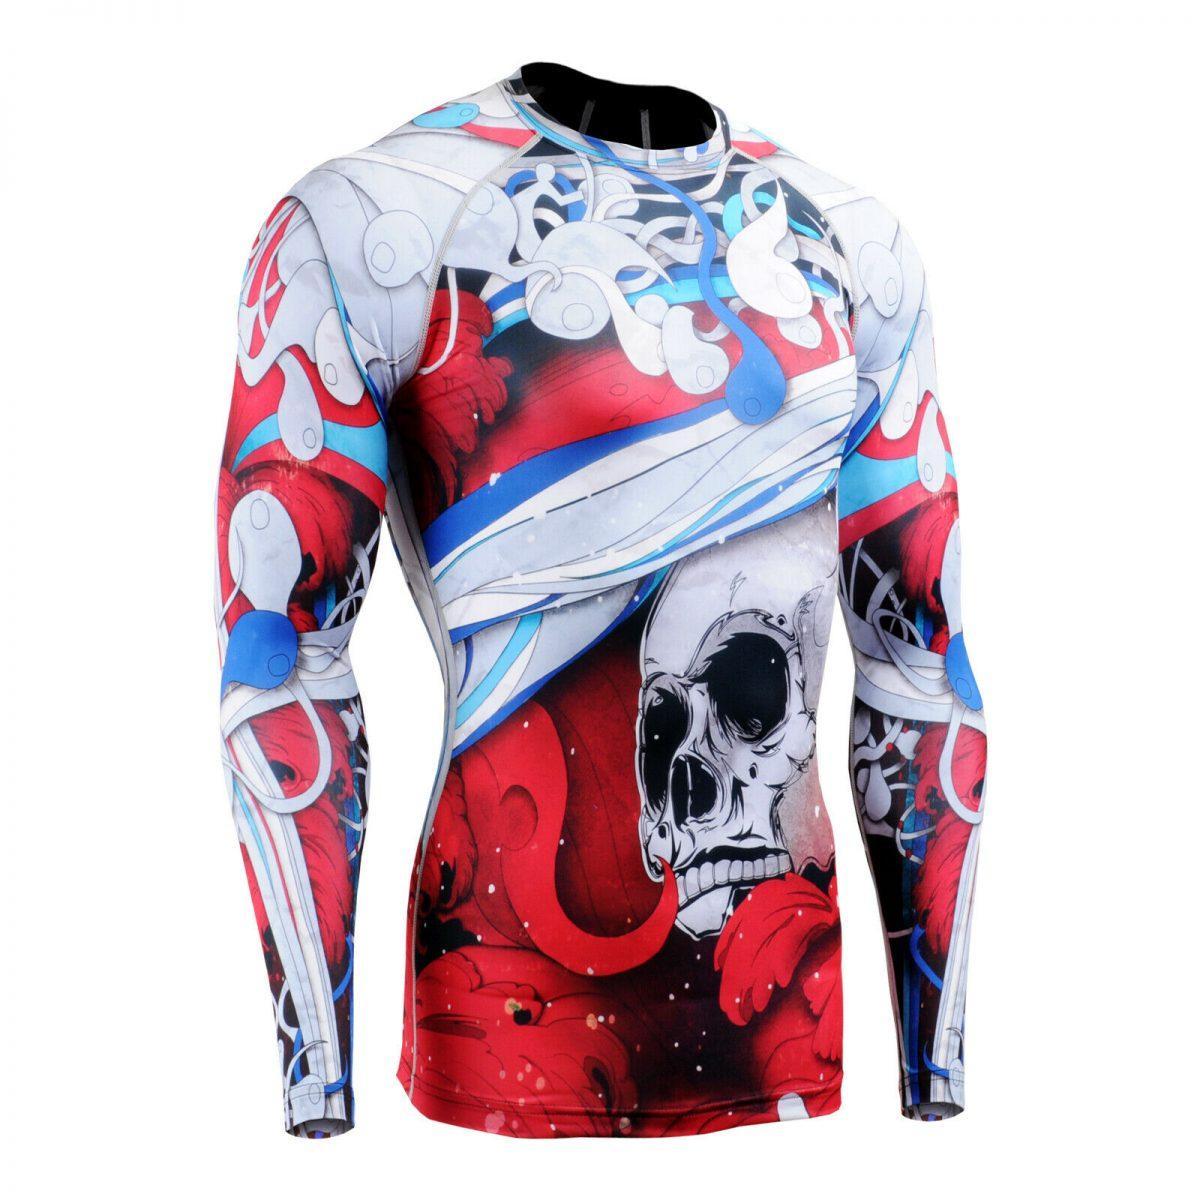 Fixgear compression T-shirt